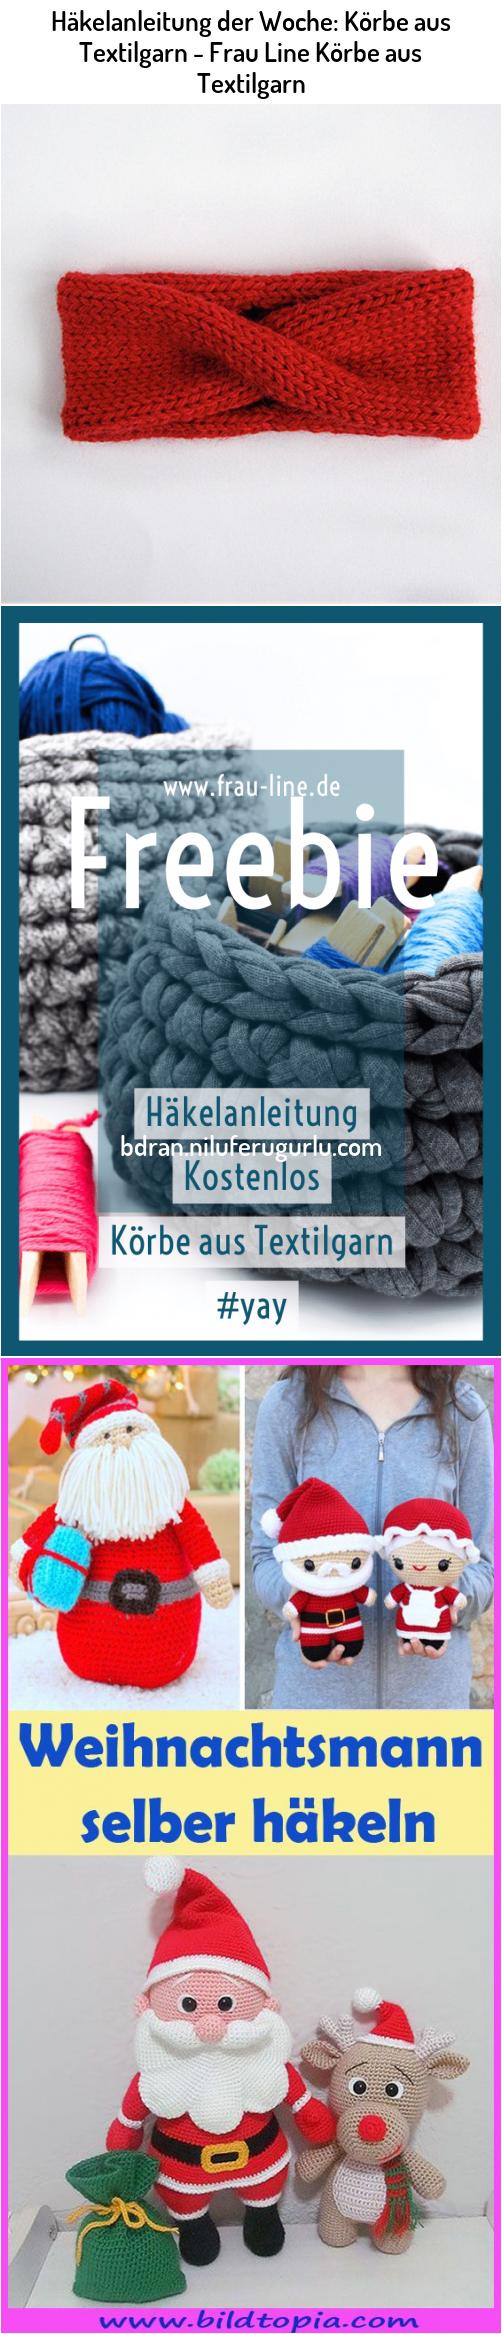 Photo of Häkelanleitung der Woche: Körbe aus Textilgarn – Frau Line Körbe aus …